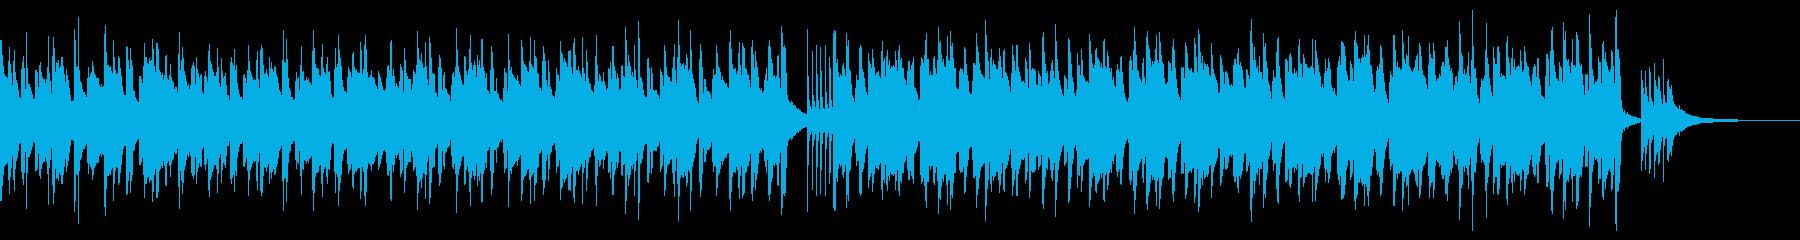 ウクレレと口笛の可愛くて楽しいポップスの再生済みの波形